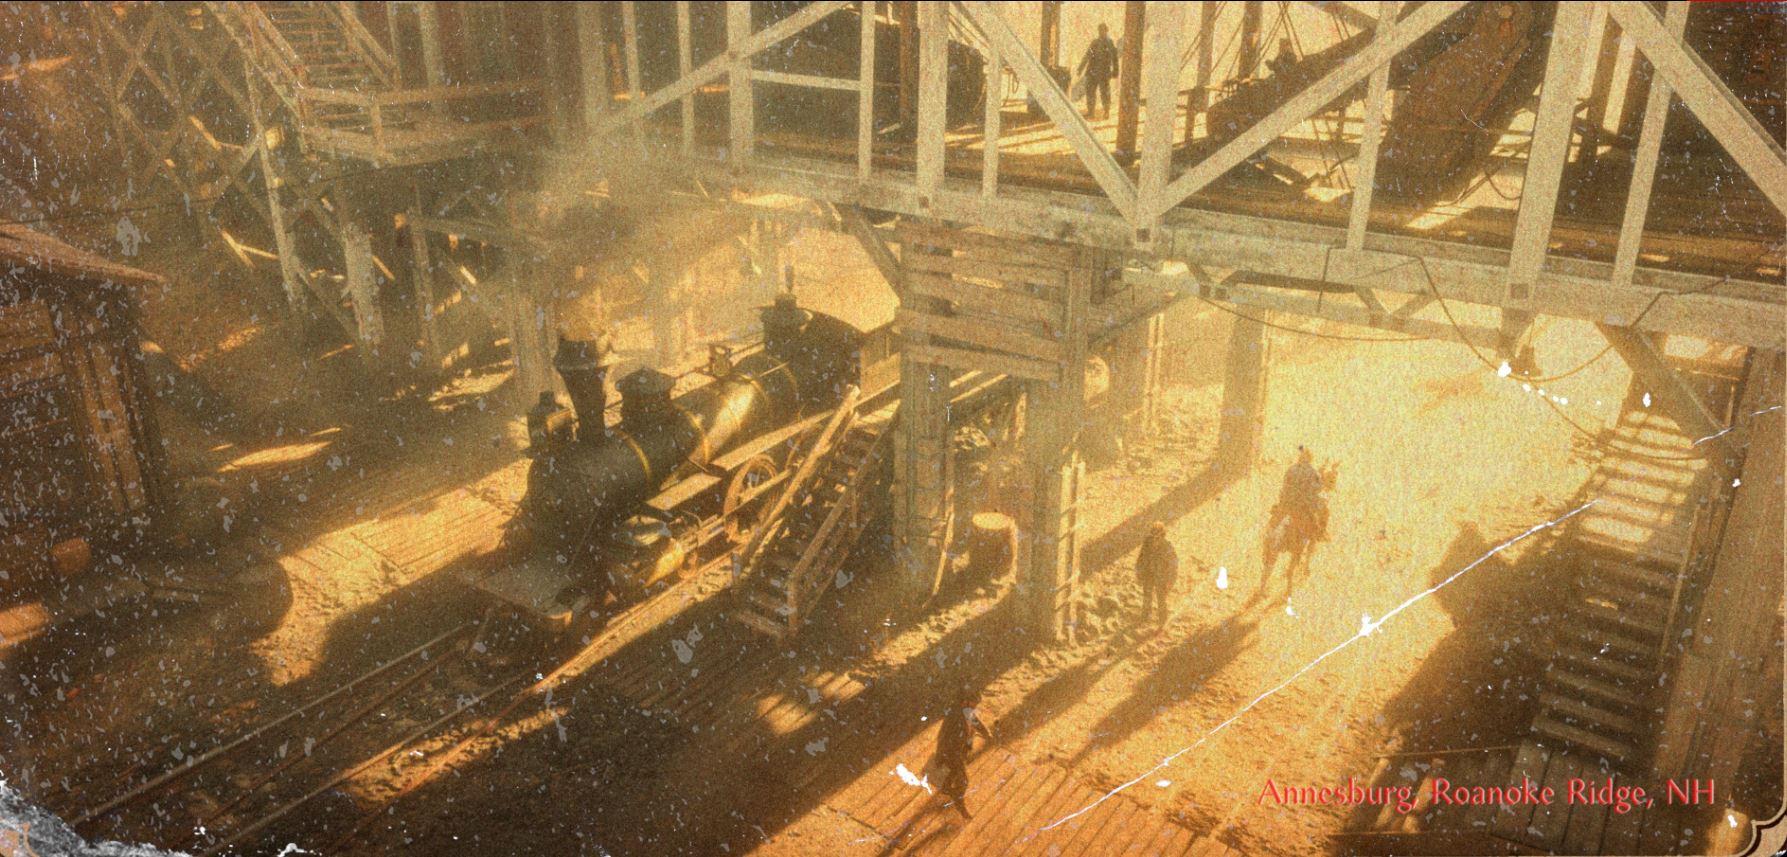 Annesburg_Red Dead Redemption 2